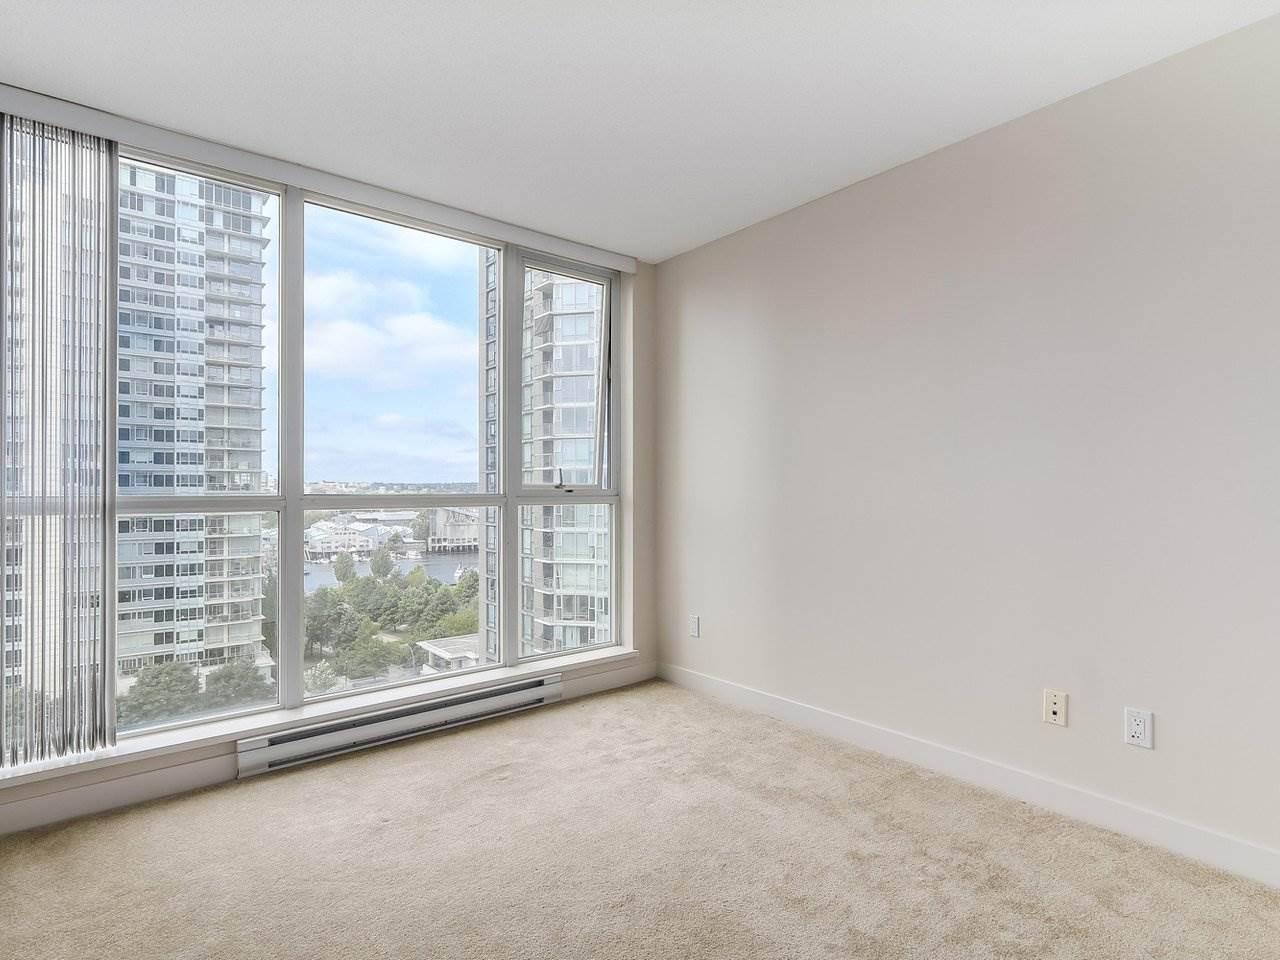 Condo Apartment at 1102 1408 STRATHMORE MEWS, Unit 1102, Vancouver West, British Columbia. Image 13